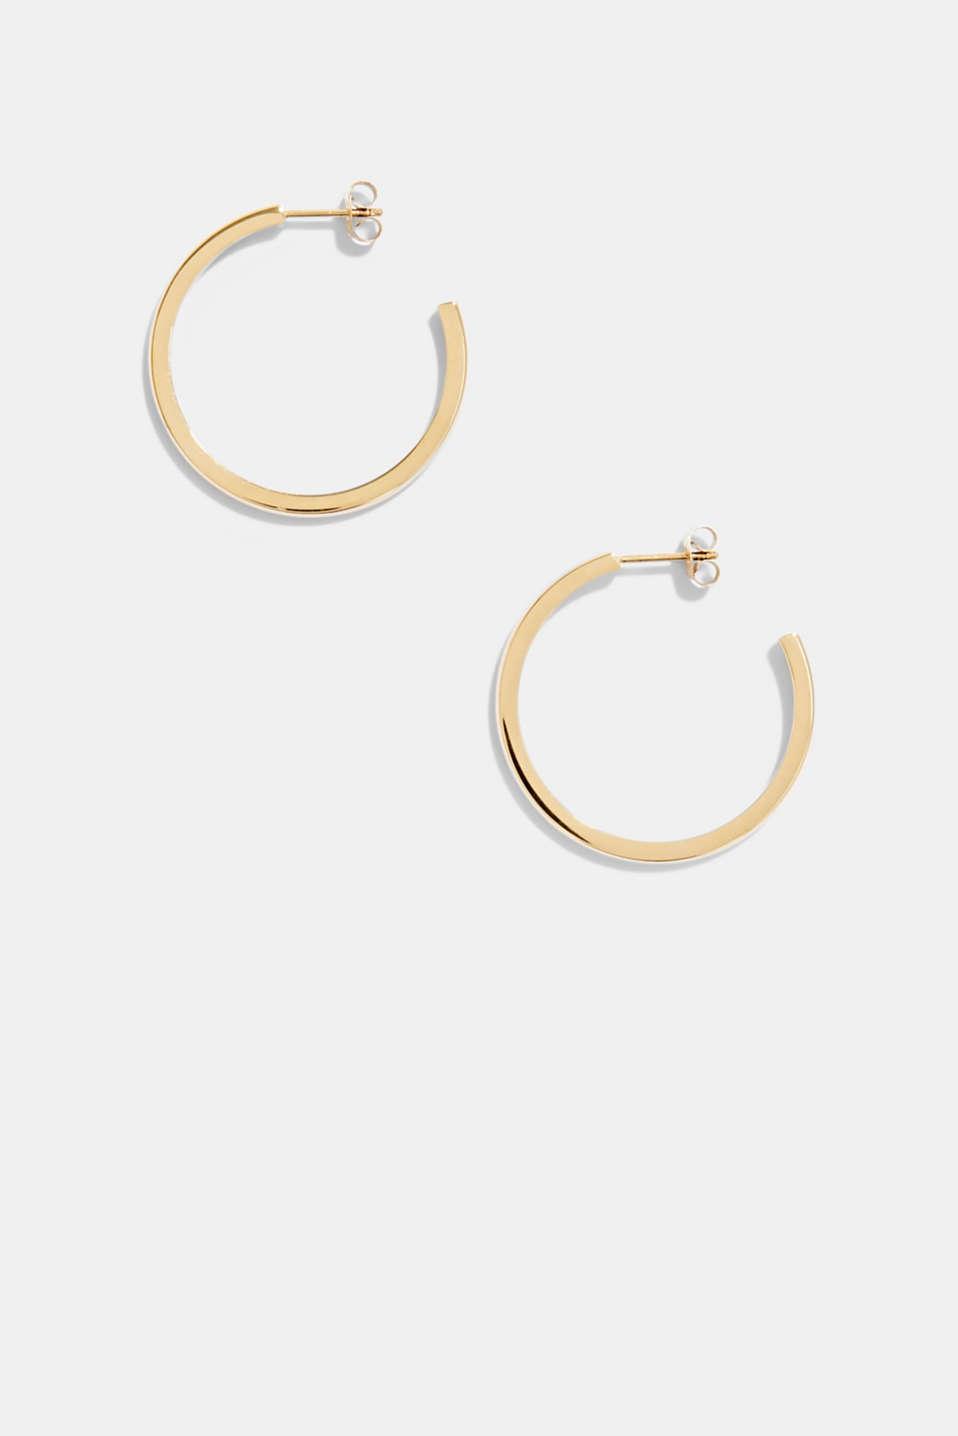 Stainless-steel hoop earrings, GOLD, detail image number 0